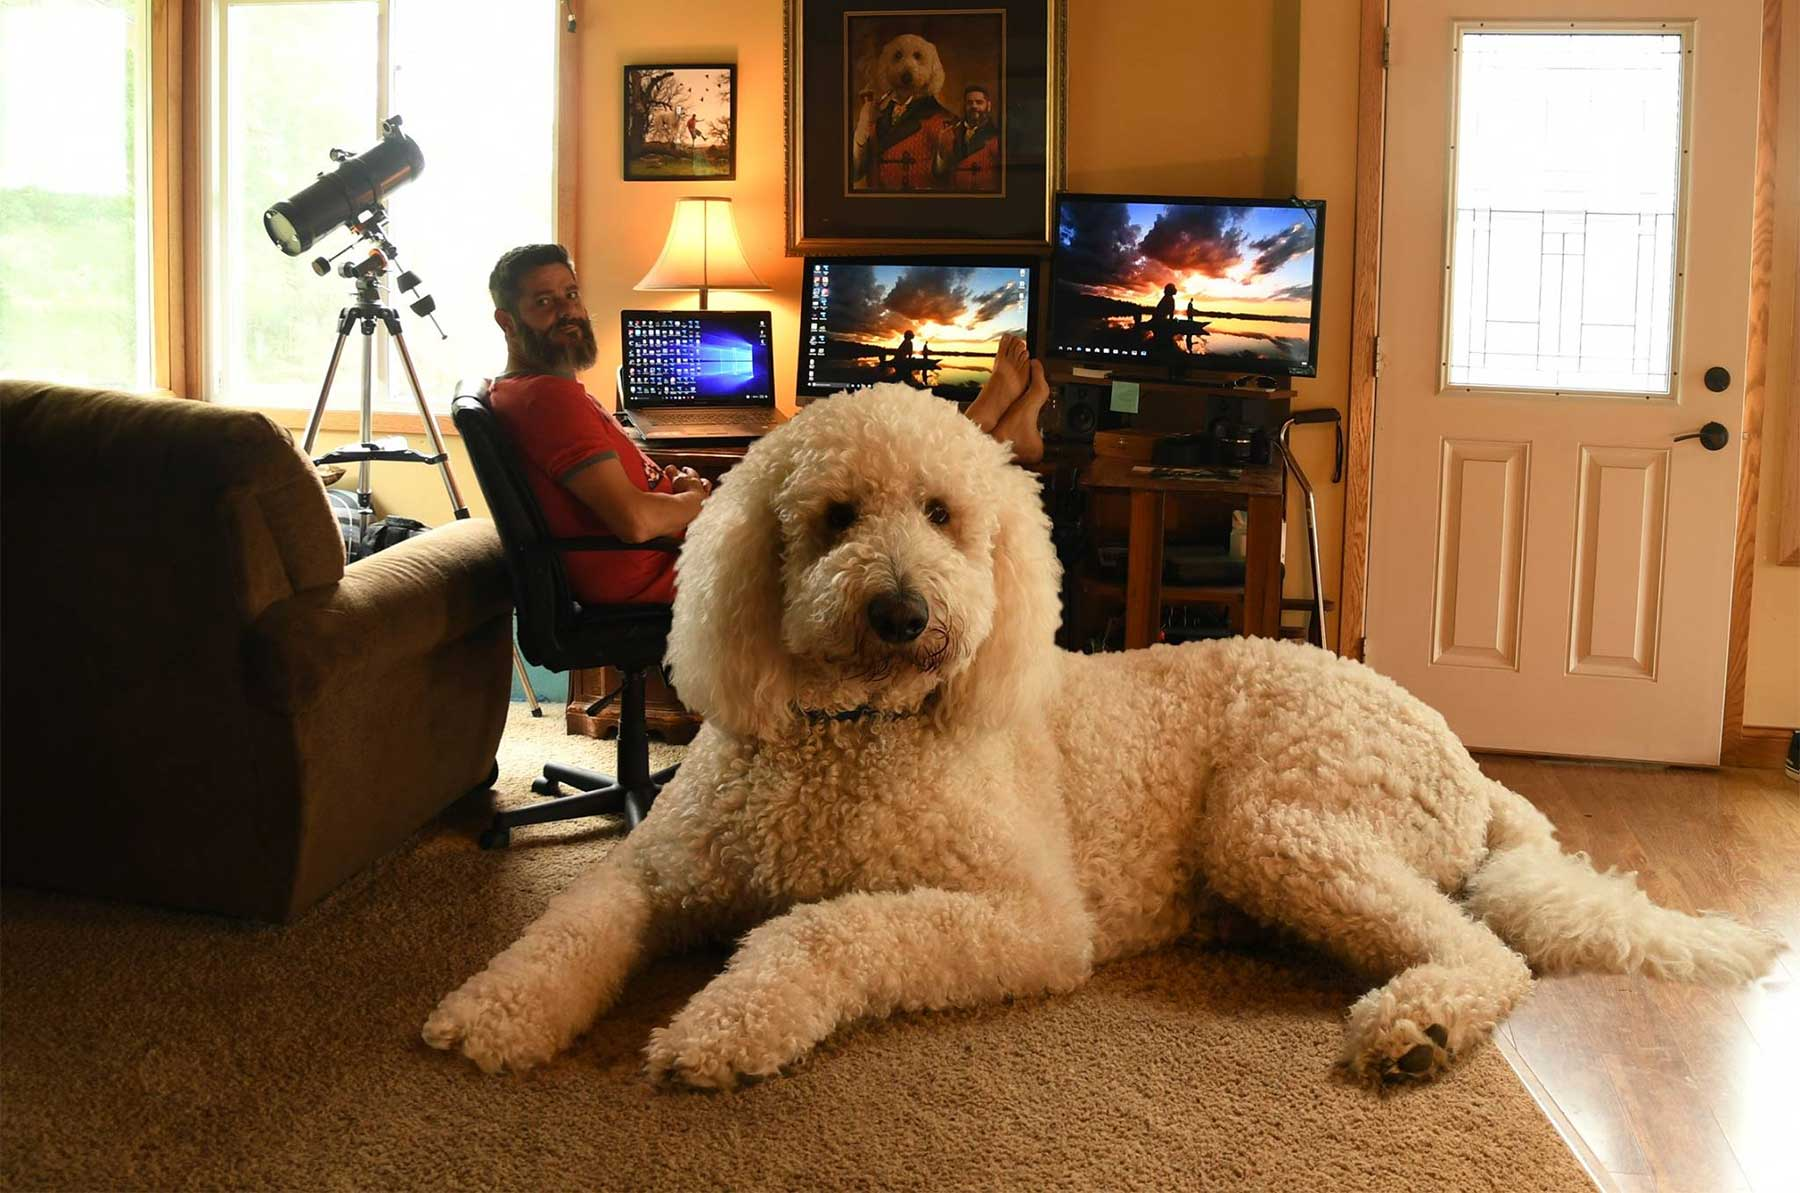 Christopher Cline photoshopped seinen Hund auf Überlebensgröße Christopher-Cline-gigantischer-hund-photoshop_01